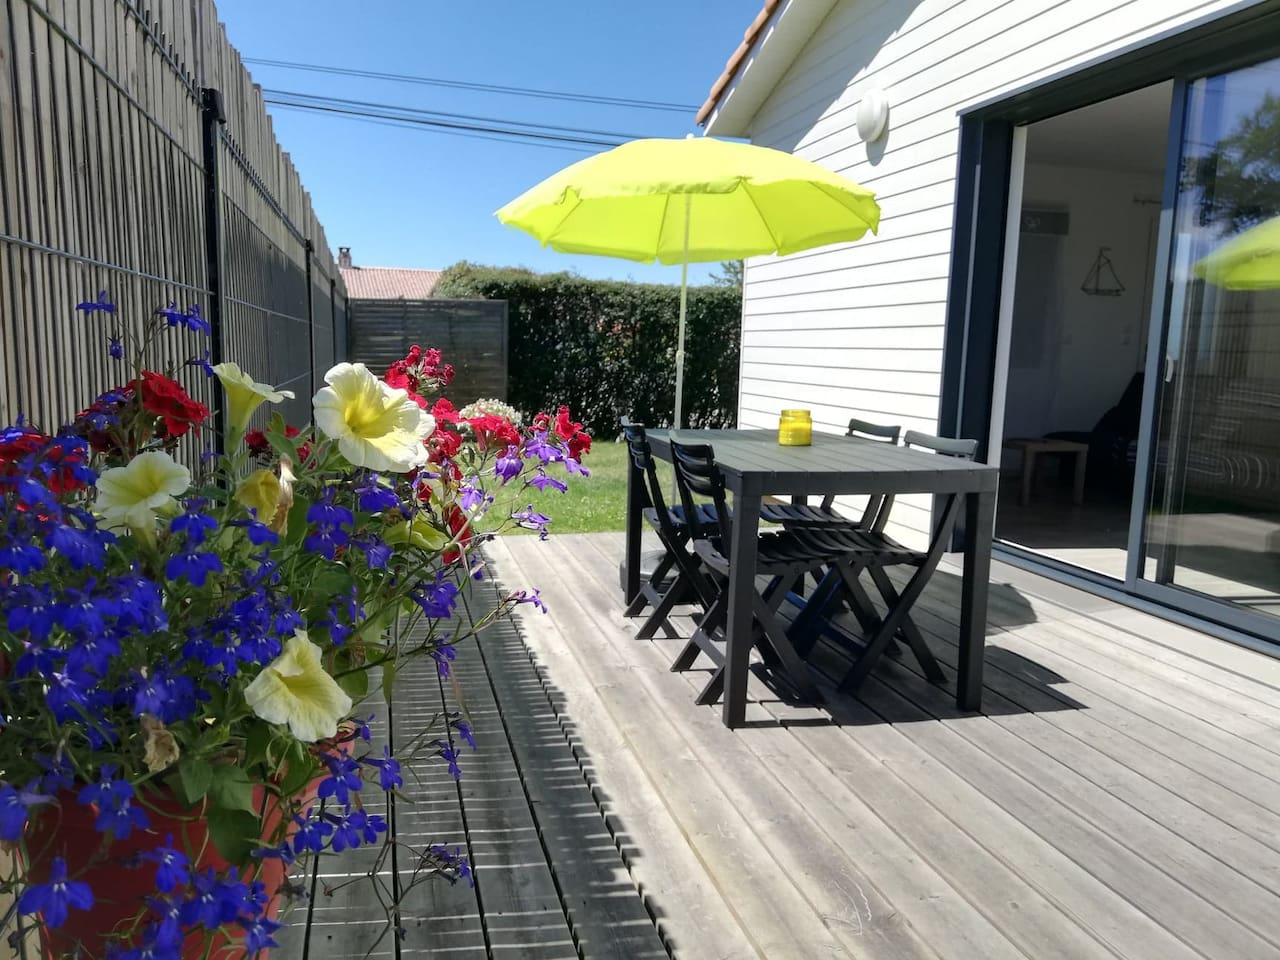 table de jardin sur terrasse bois, parasol, barbecue, 2 chaises longues, sur terrain avec pelouse de 300m2 cloturé sans vis à vis